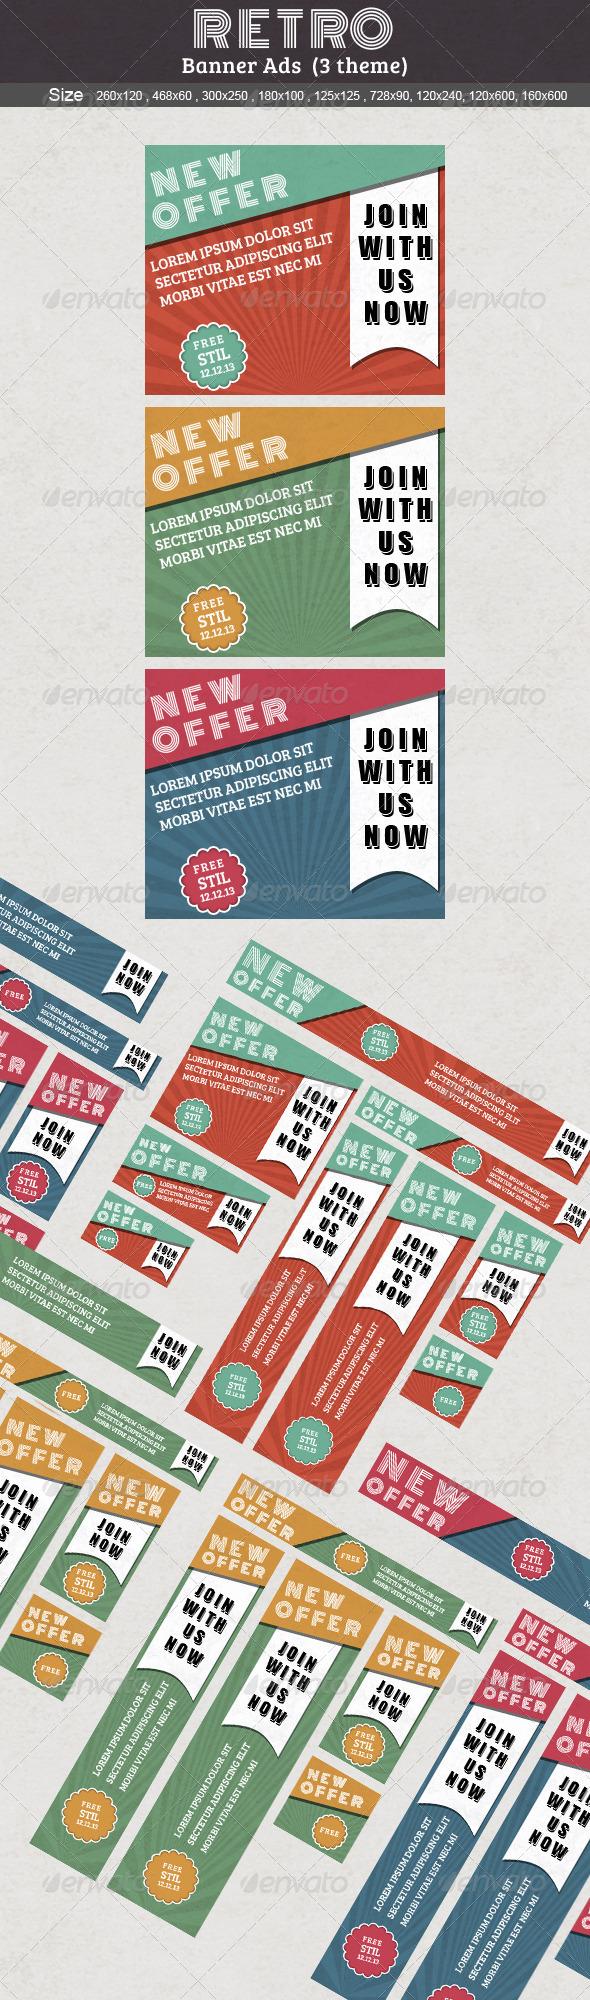 GraphicRiver Retro Web Banner Ads 5356226